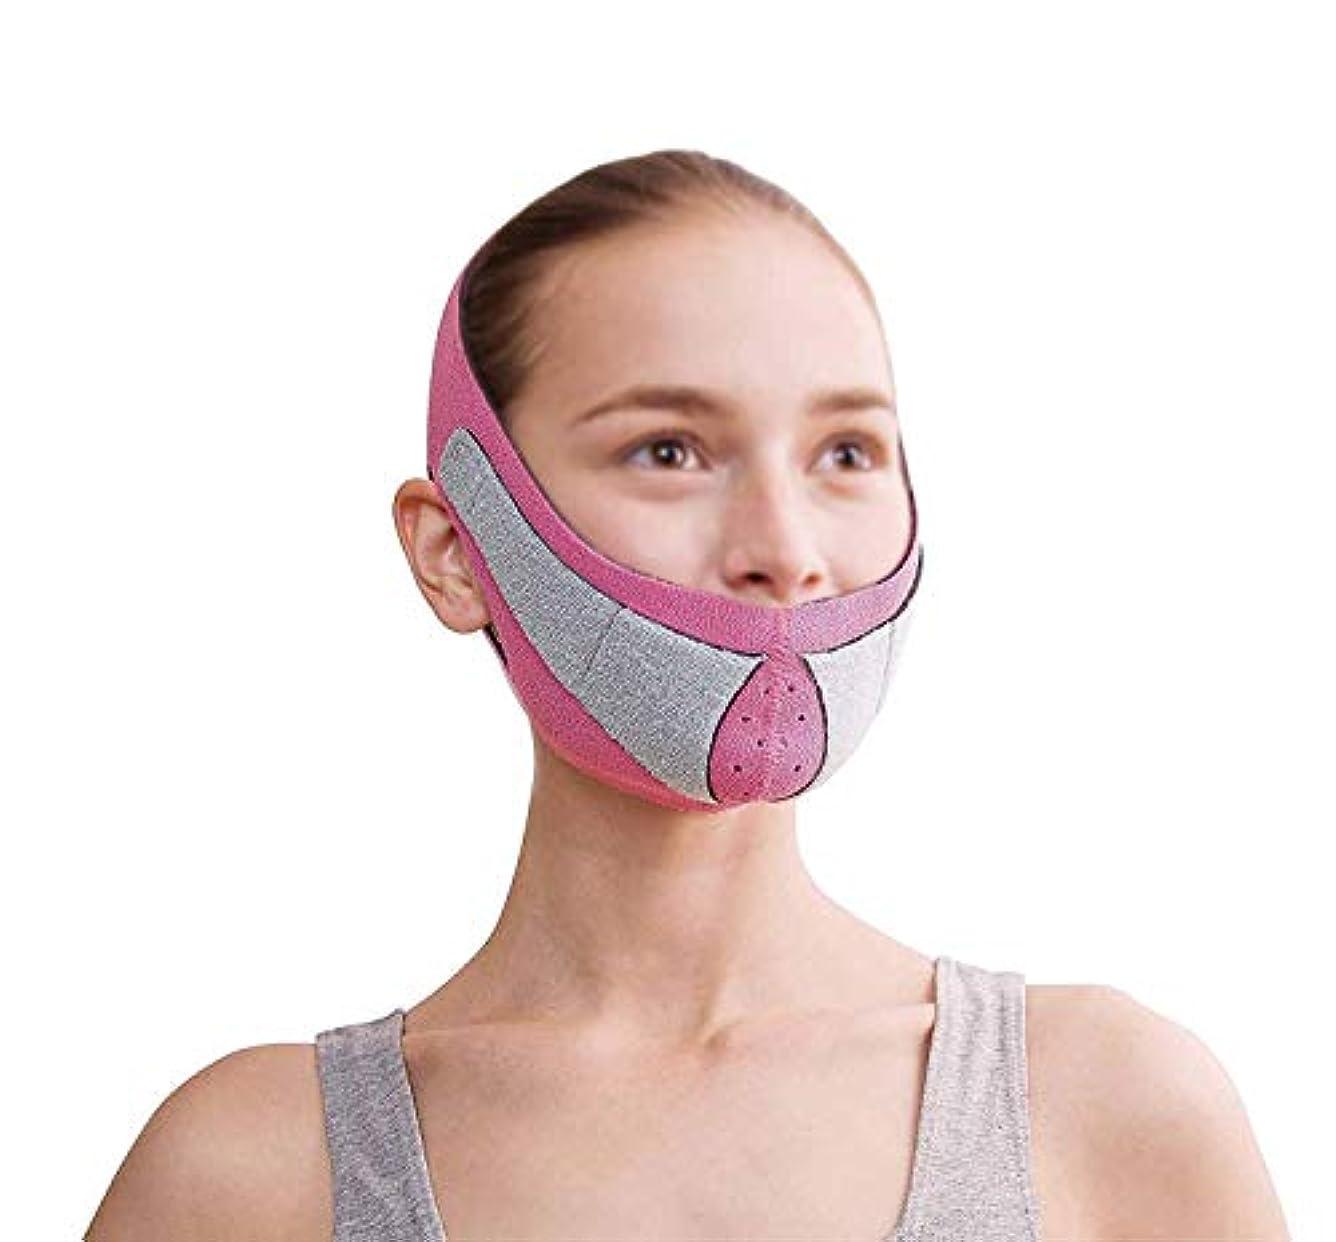 効果ベーリング海峡先祖フェイスリフトマスク、顔のMaskplus薄いフェイスマスクタイトなたるみの薄いフェイスマスク顔の薄いフェイスマスクアーティファクトネックストラップ付き